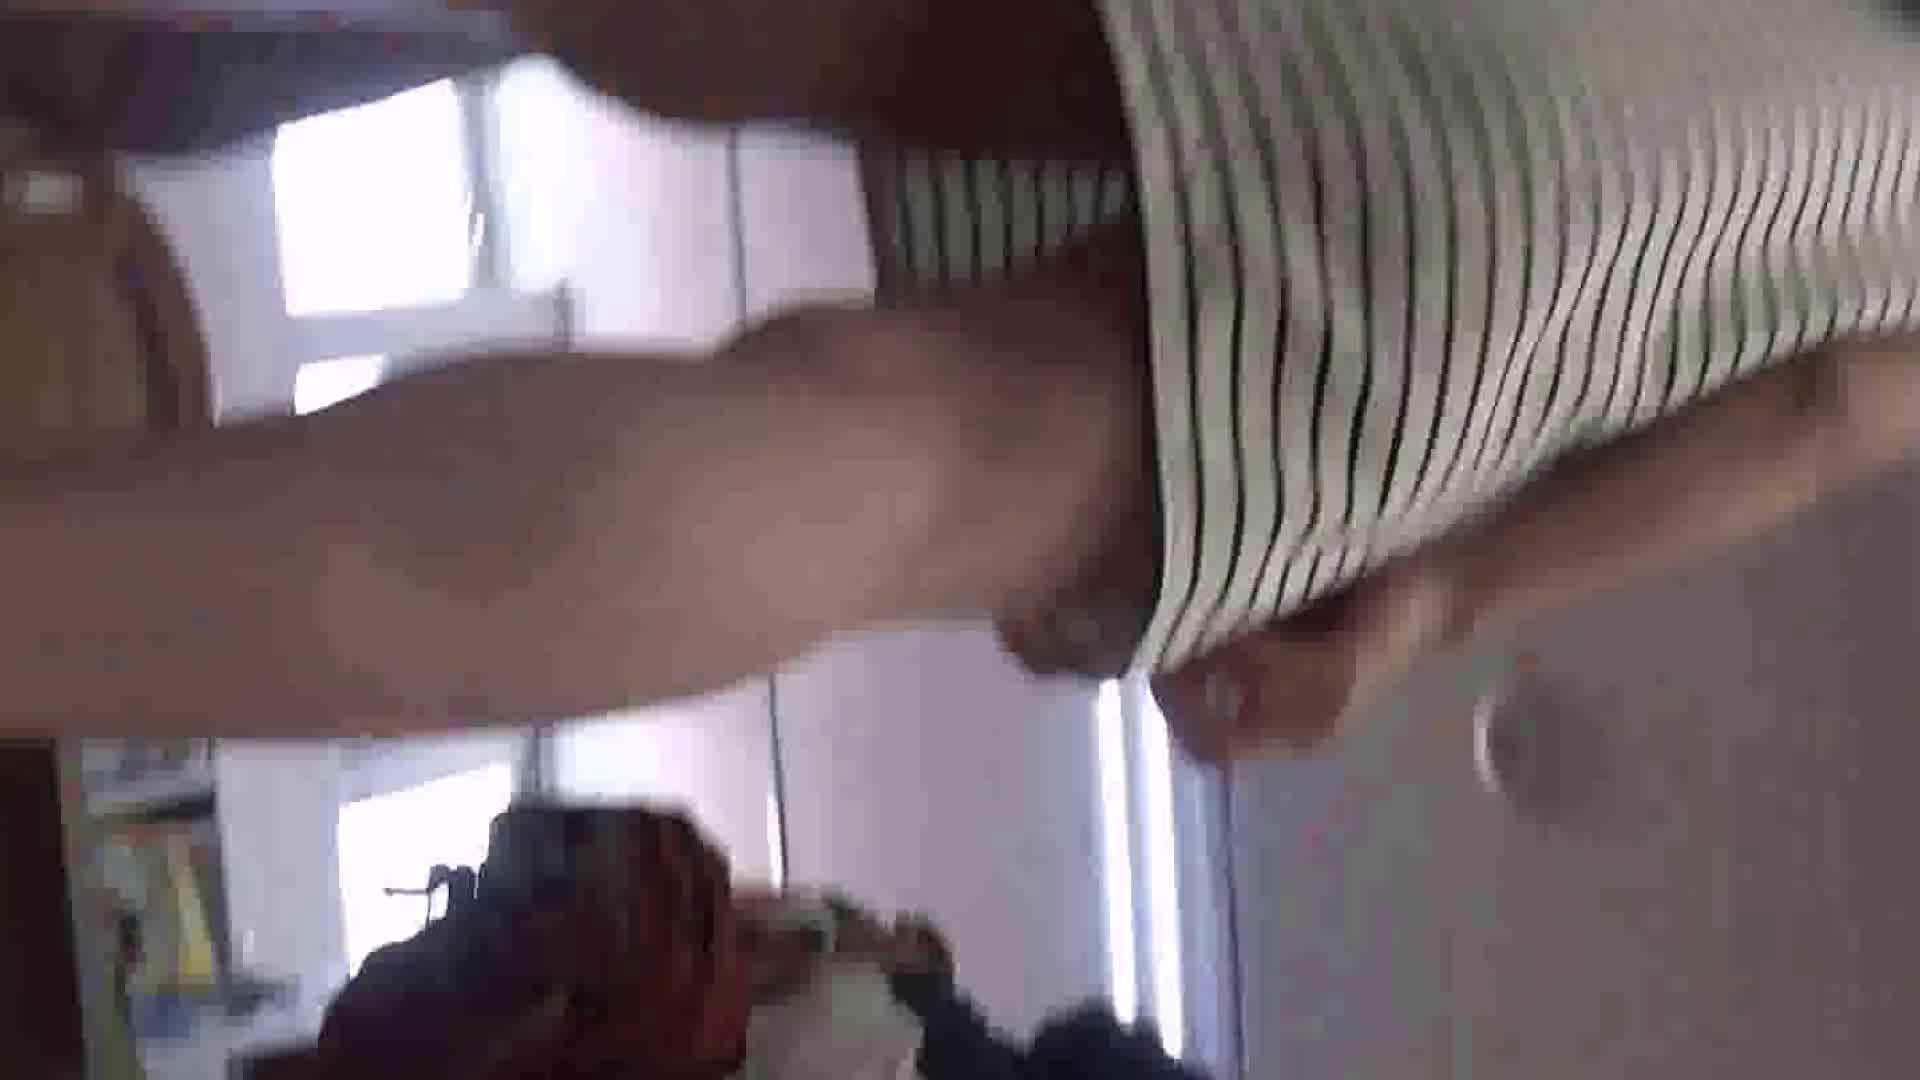 真剣に買い物中のgal達を上から下から狙います。vol.01 OL裸体 | チラ系  99画像 49